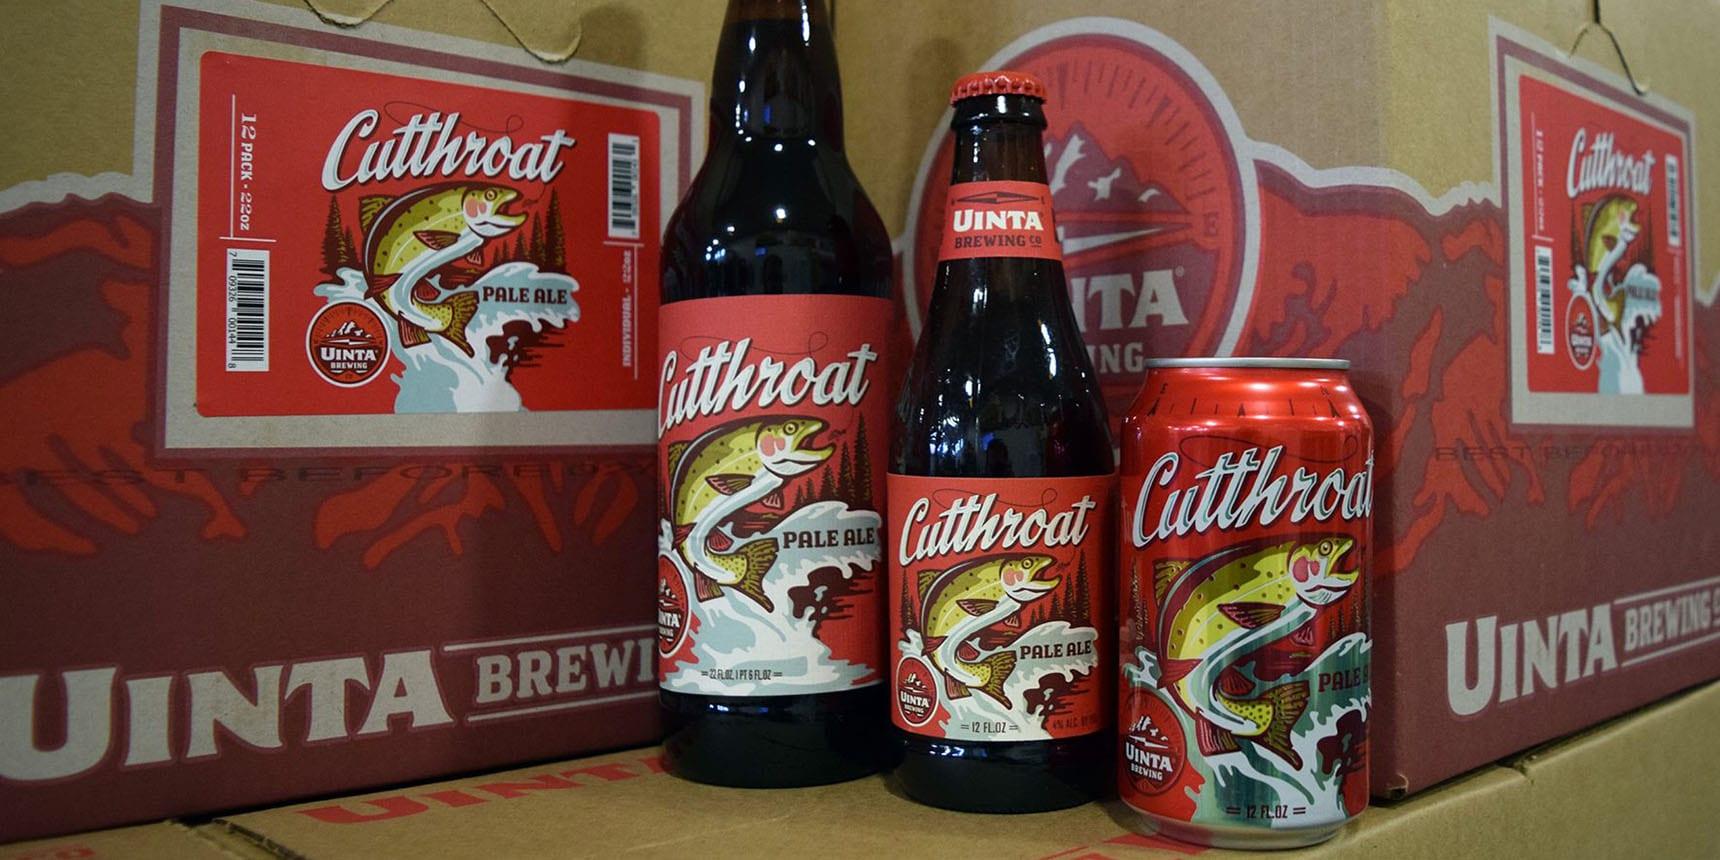 Uinta Brewing - Cutthroat Pale Ale